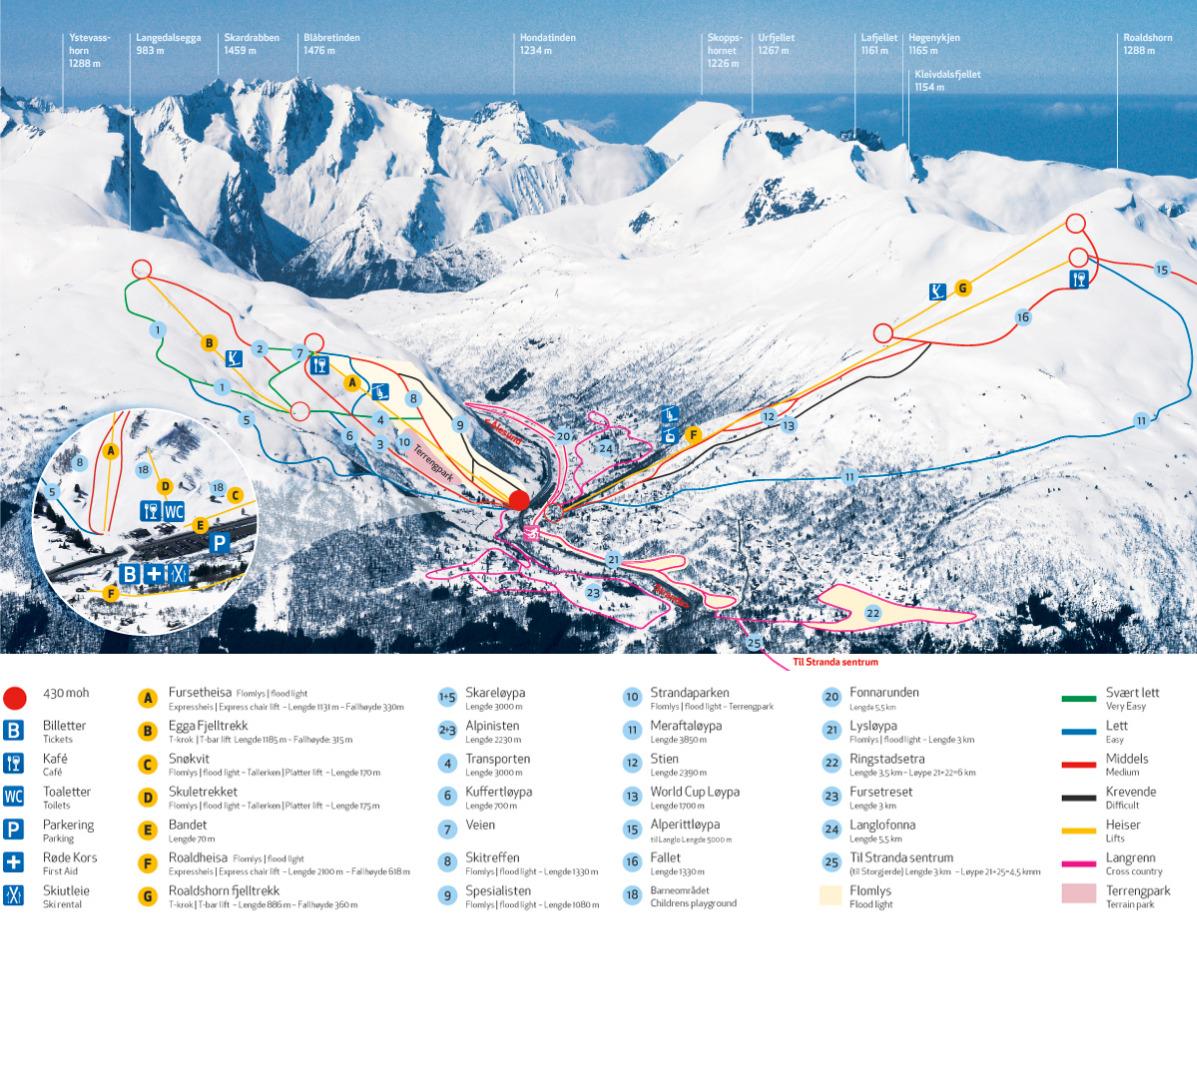 Strandafjellet Resort Fjord Region Ski Holidays 2018 2019 Enjoy The Mystical Fjords Of